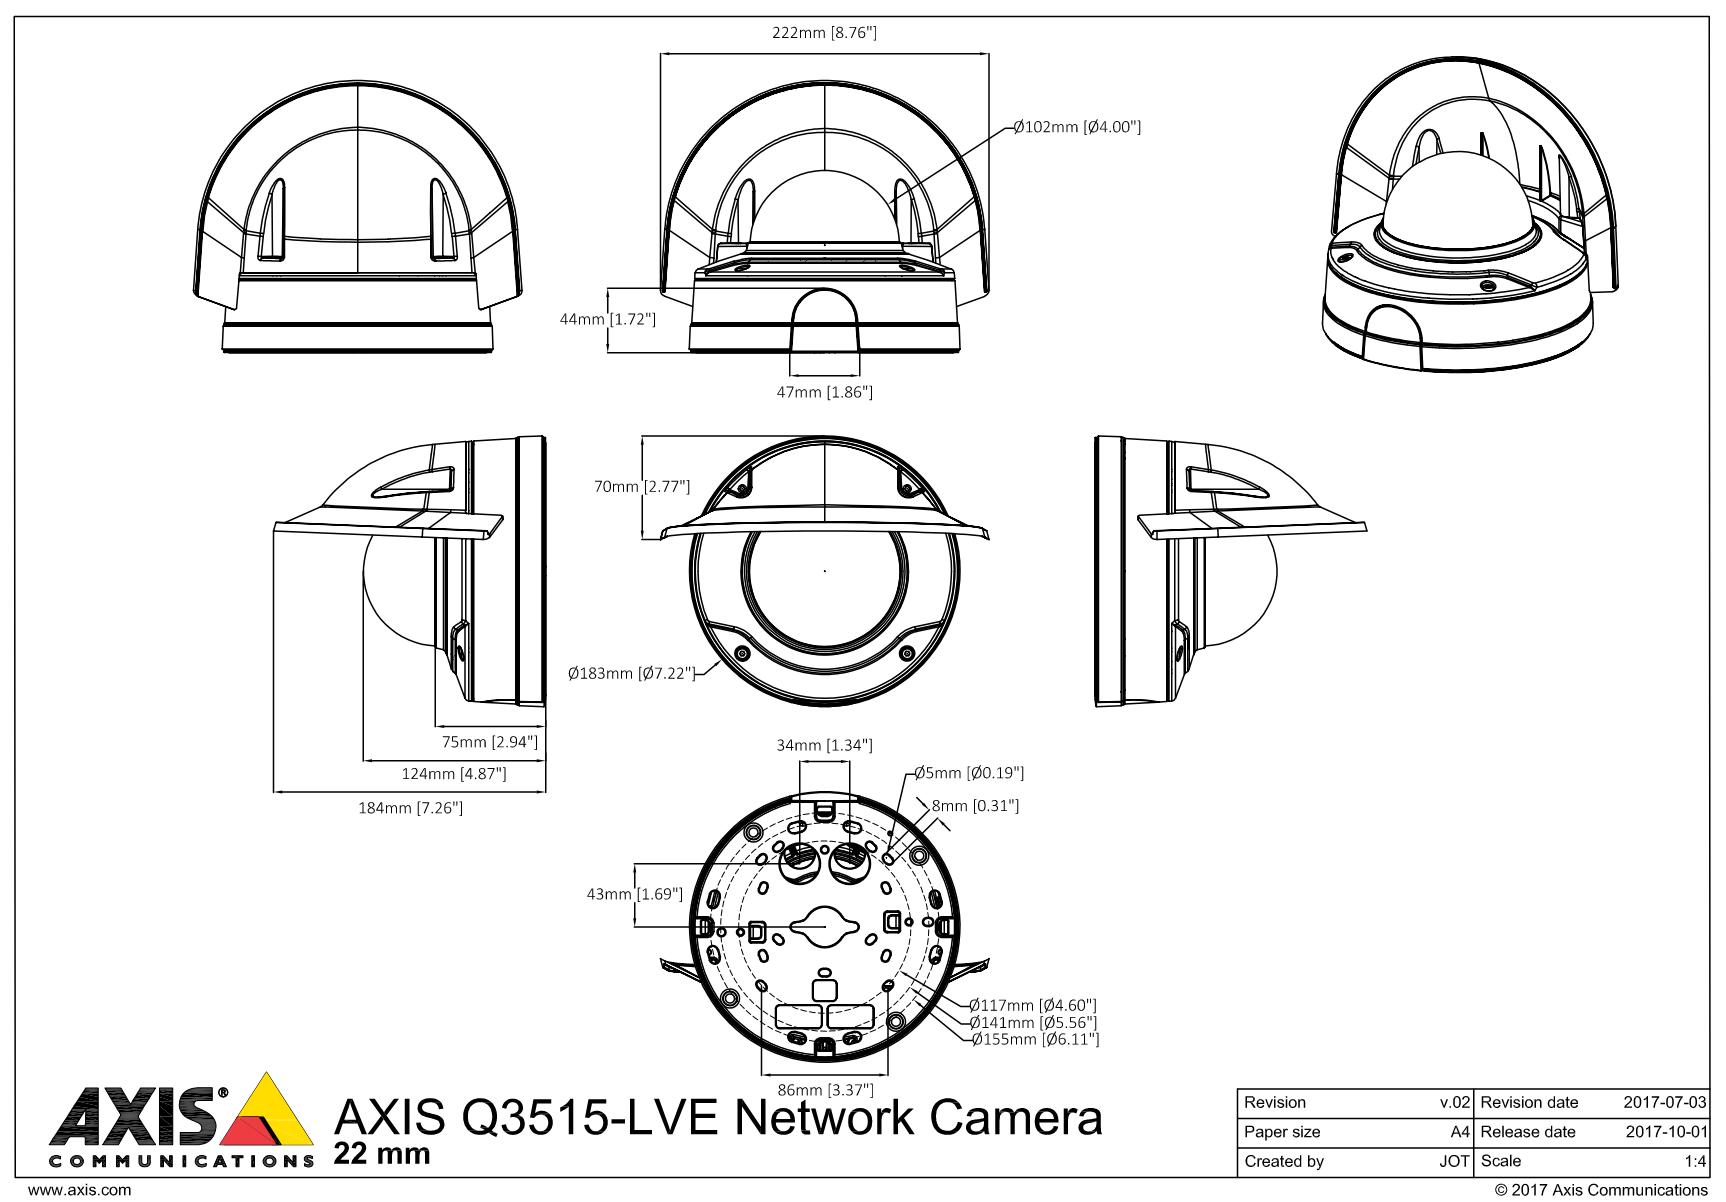 Q3515-LVE Dimensions